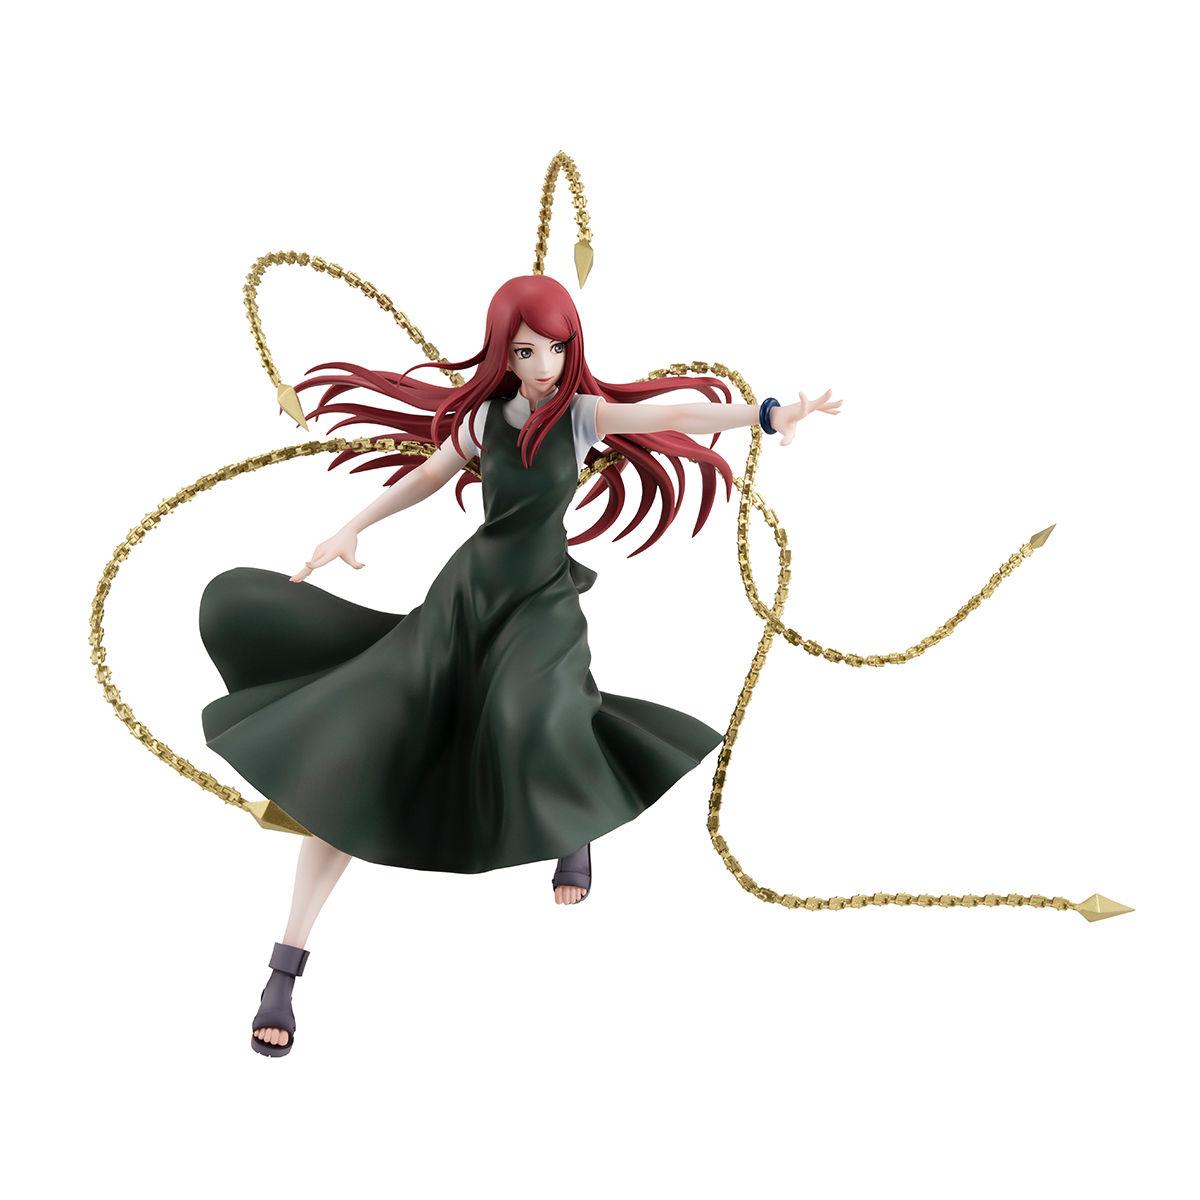 【限定販売】NARUTOギャルズ『うずまきクシナ』NARUTO-ナルト- 完成品フィギュア-003